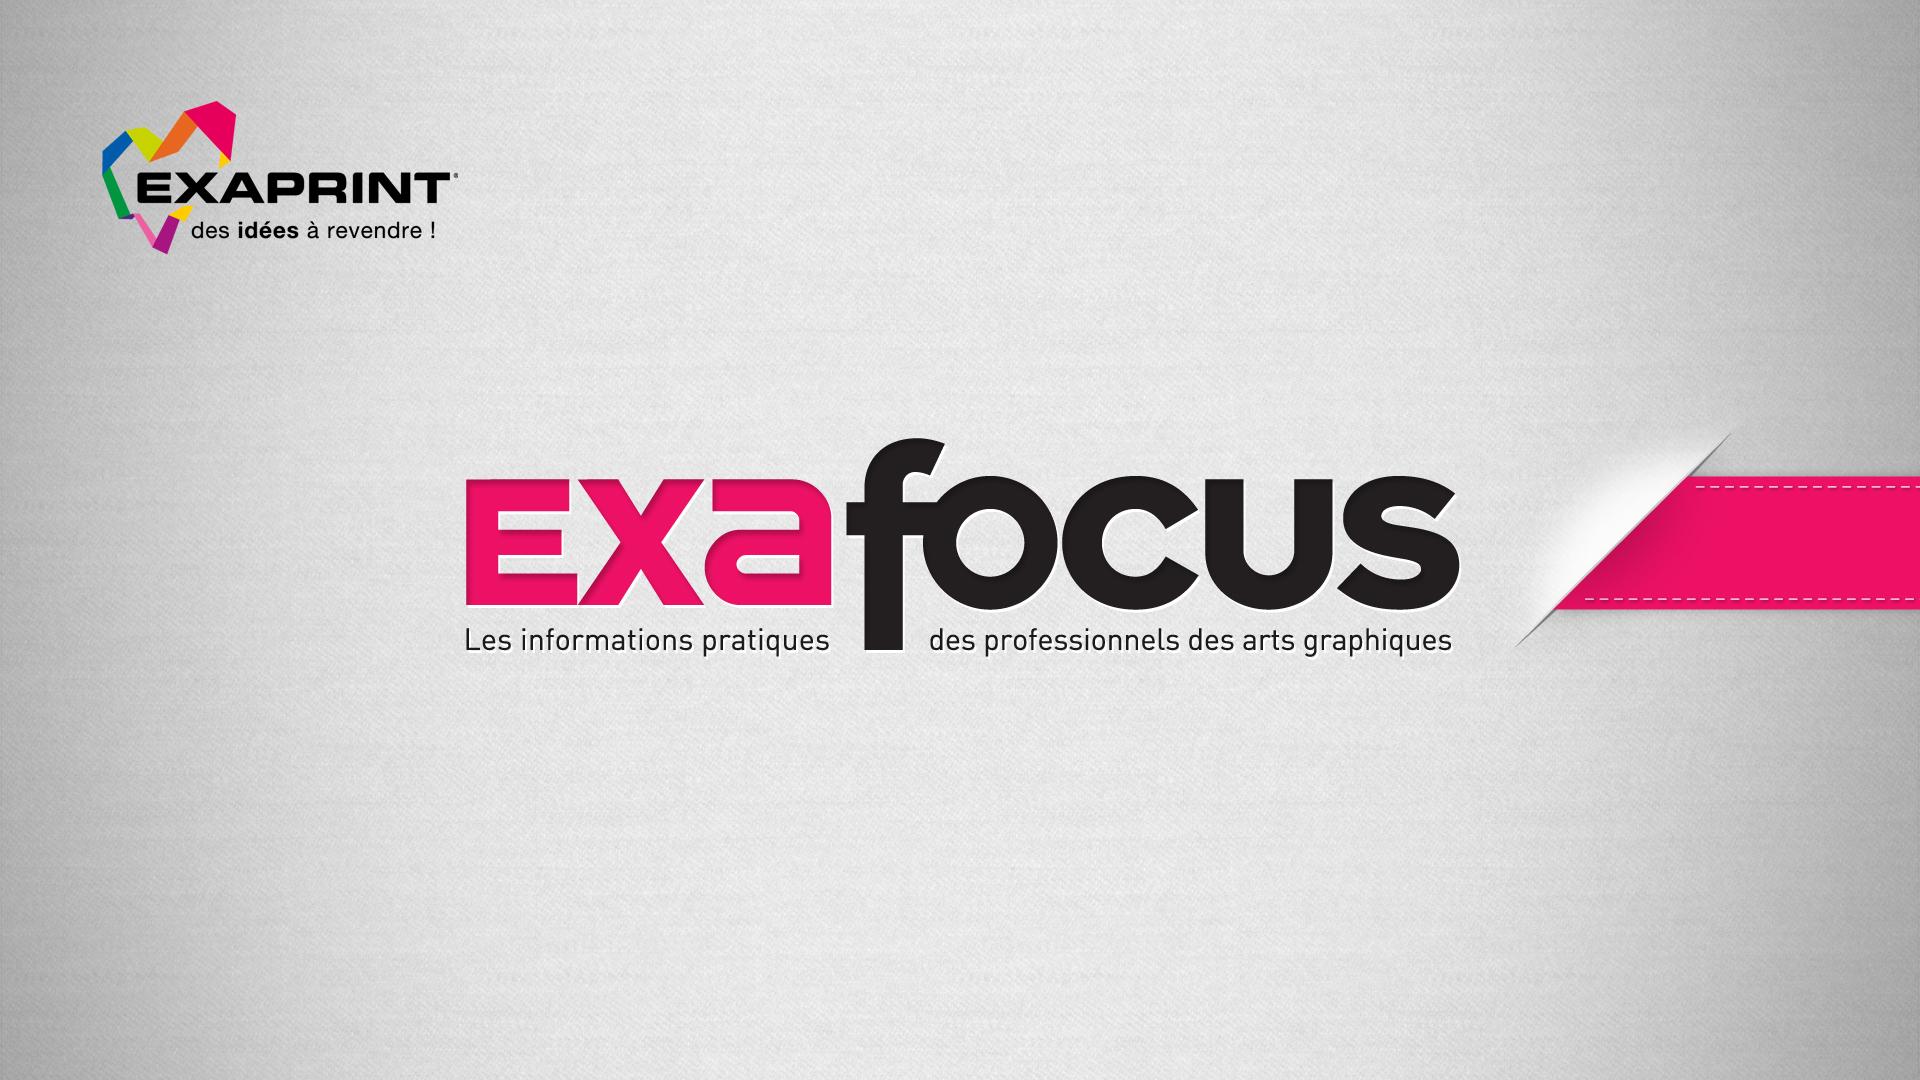 Exaprint Exafocus Creation Logo Identite Plaquette Charte Editoriale